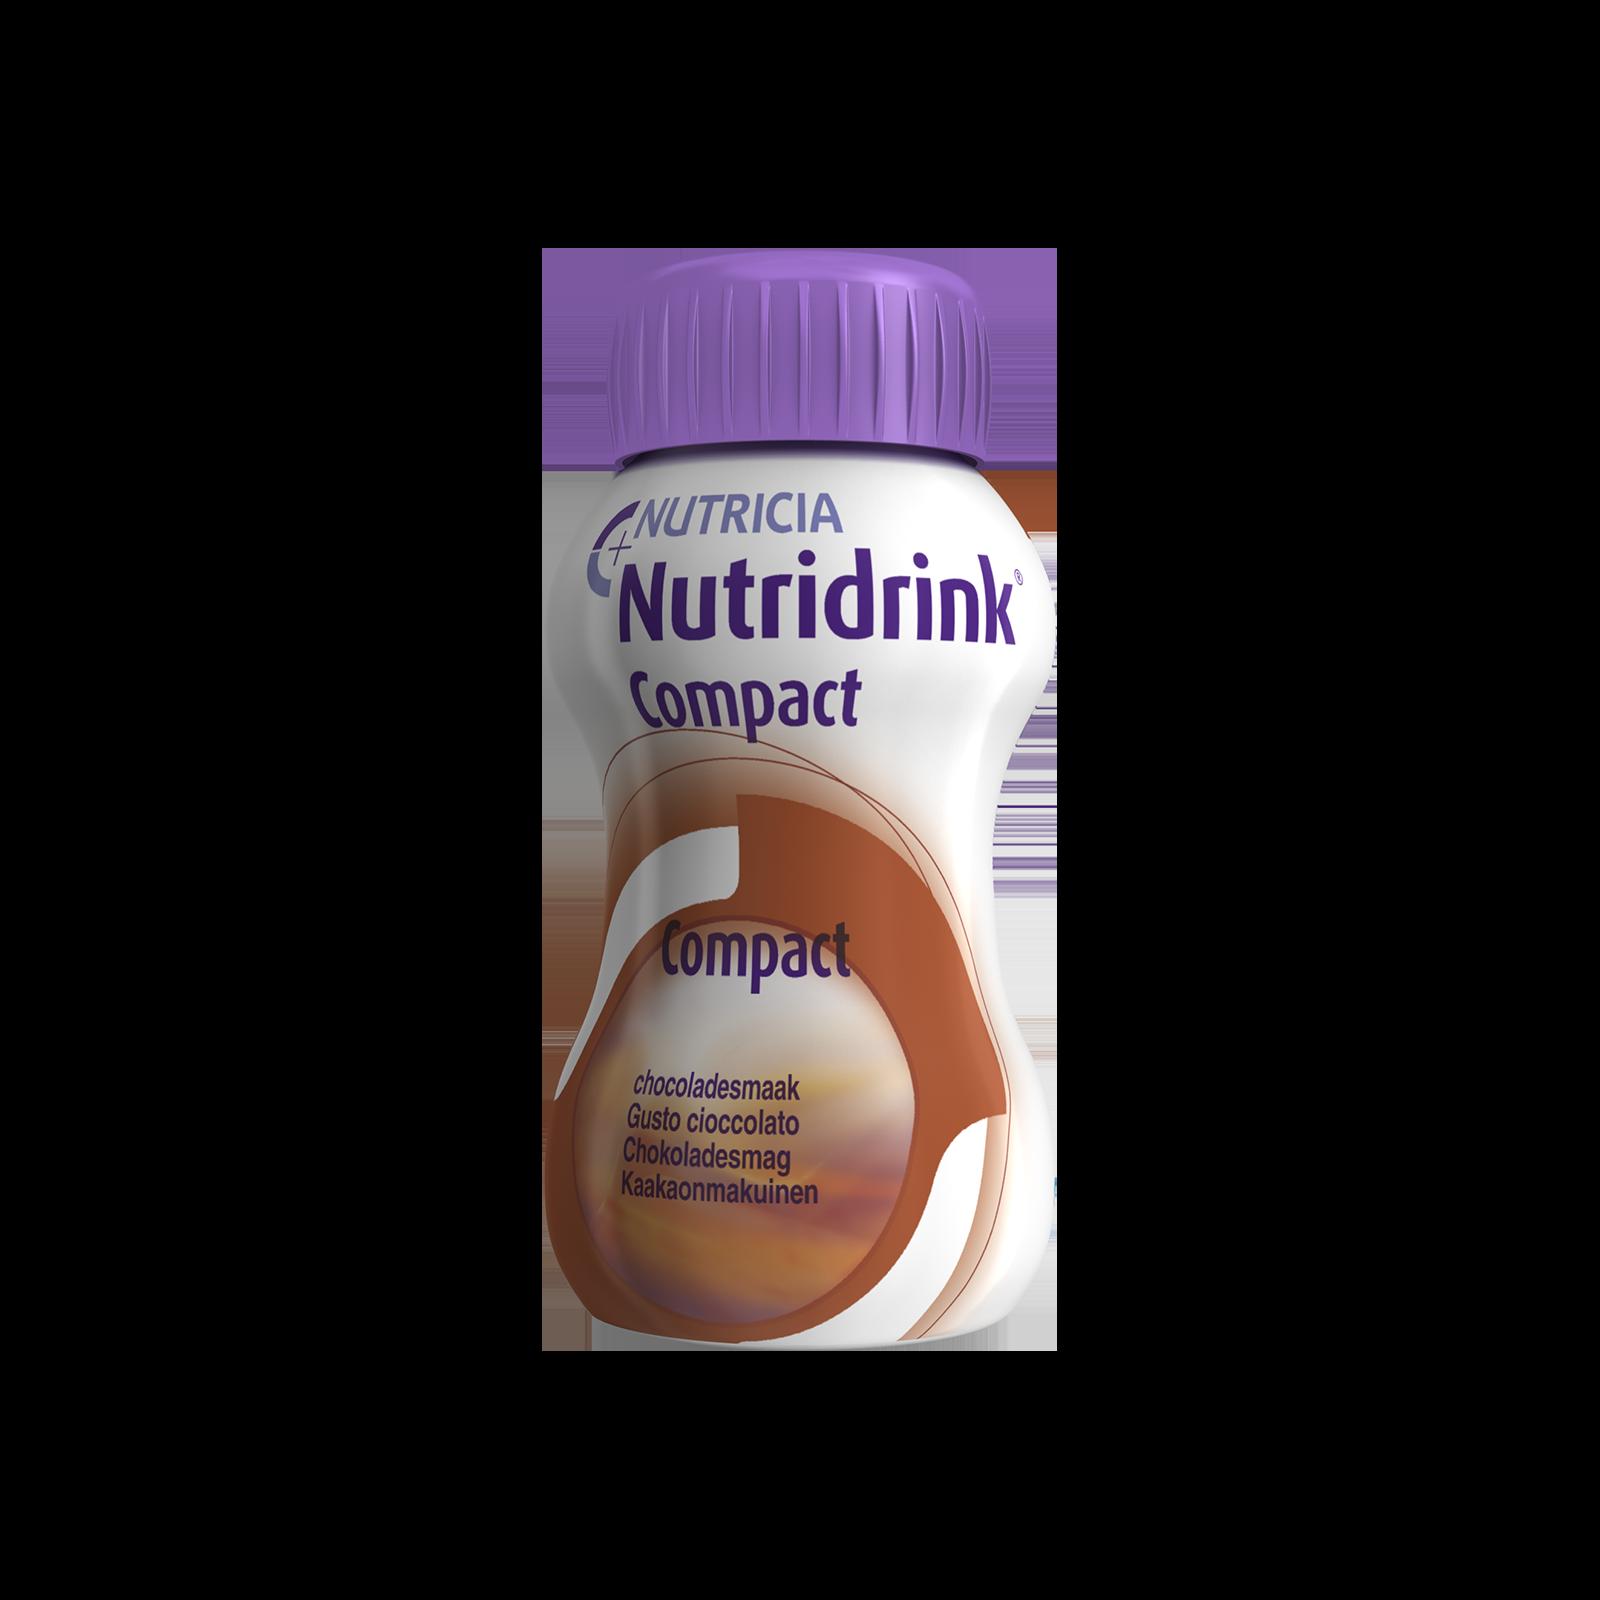 Nutridrink Compact cioccolato 24x Bottiglia 125 ml | Nutricia